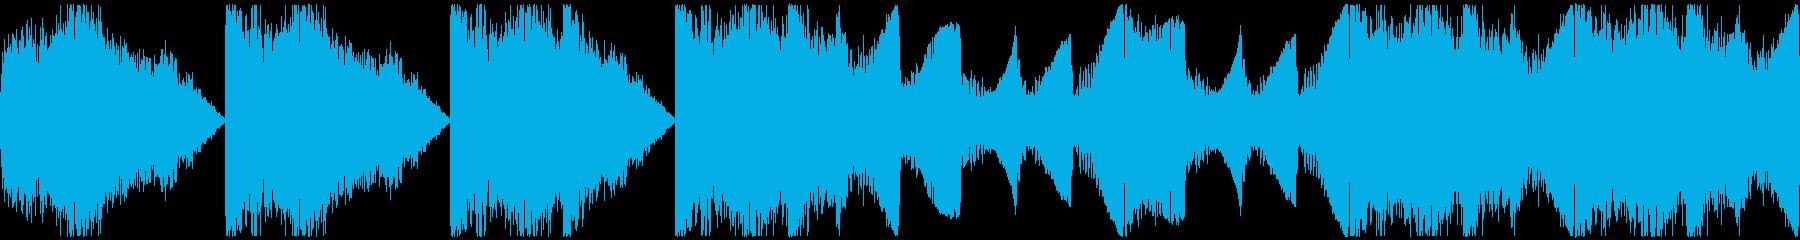 【ダーク/ホラー/ファンタジー/BGM】の再生済みの波形